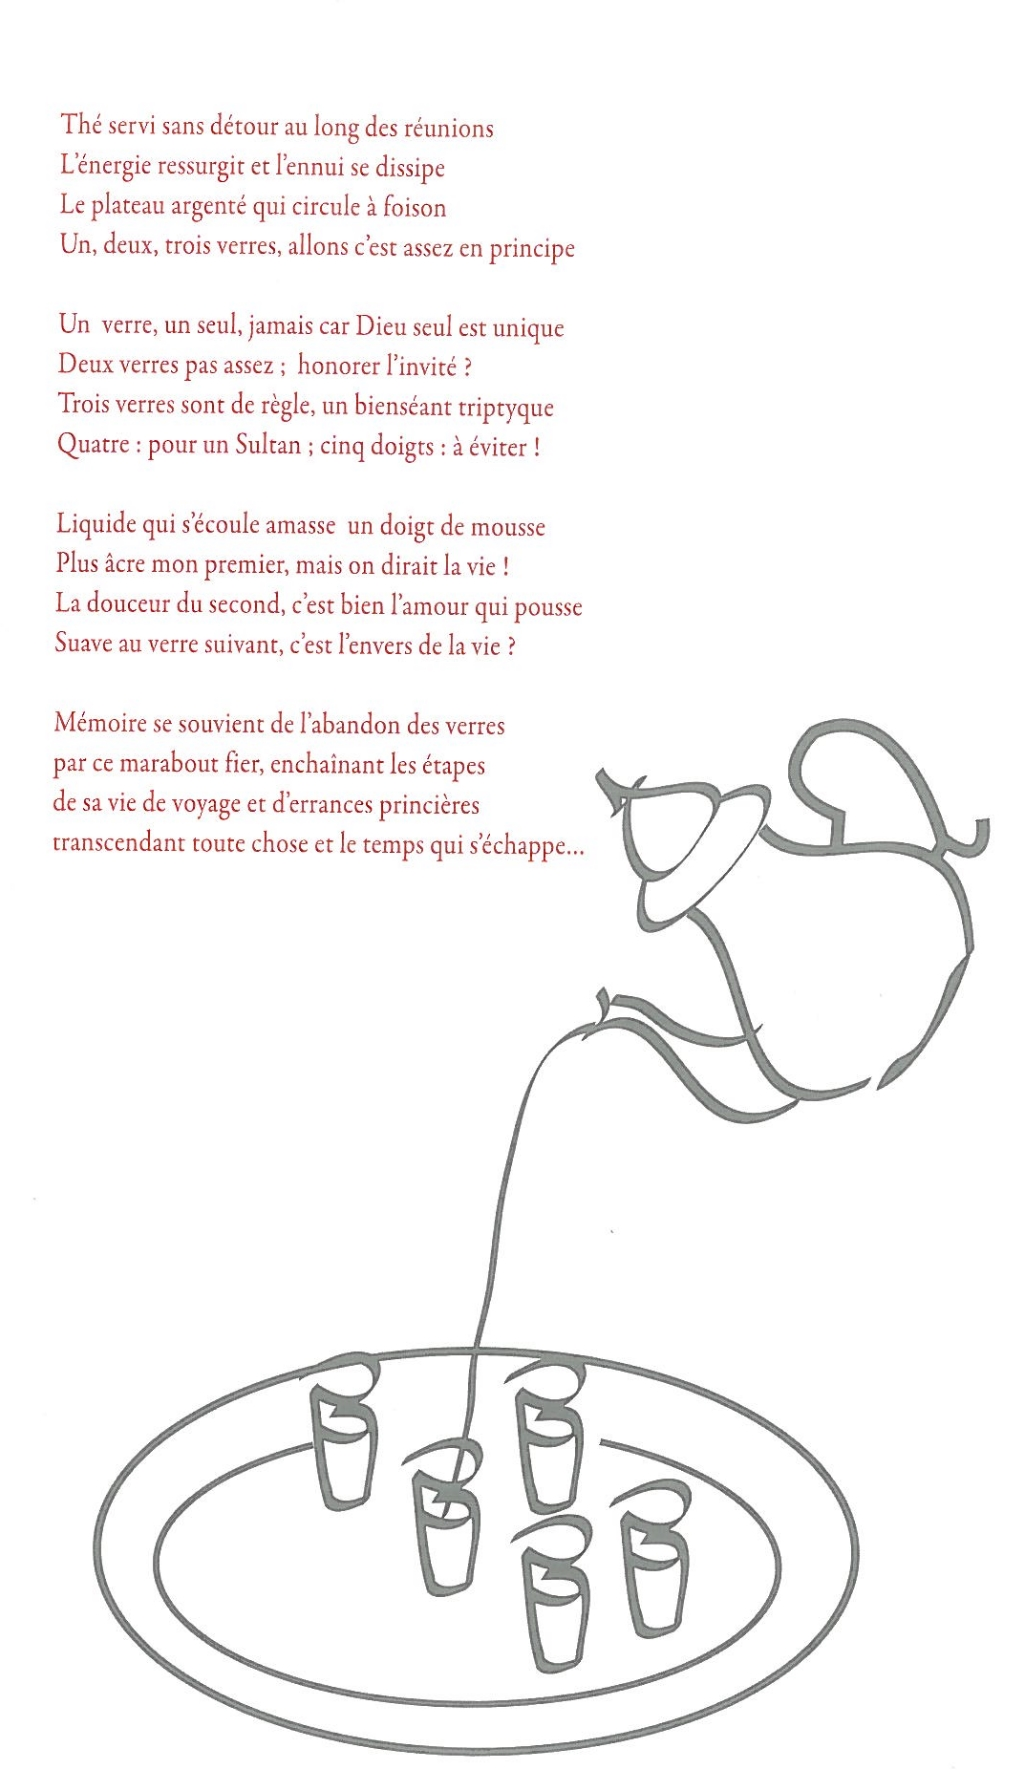 Littérature Poèmes Du Thé Livres En Français Livres En